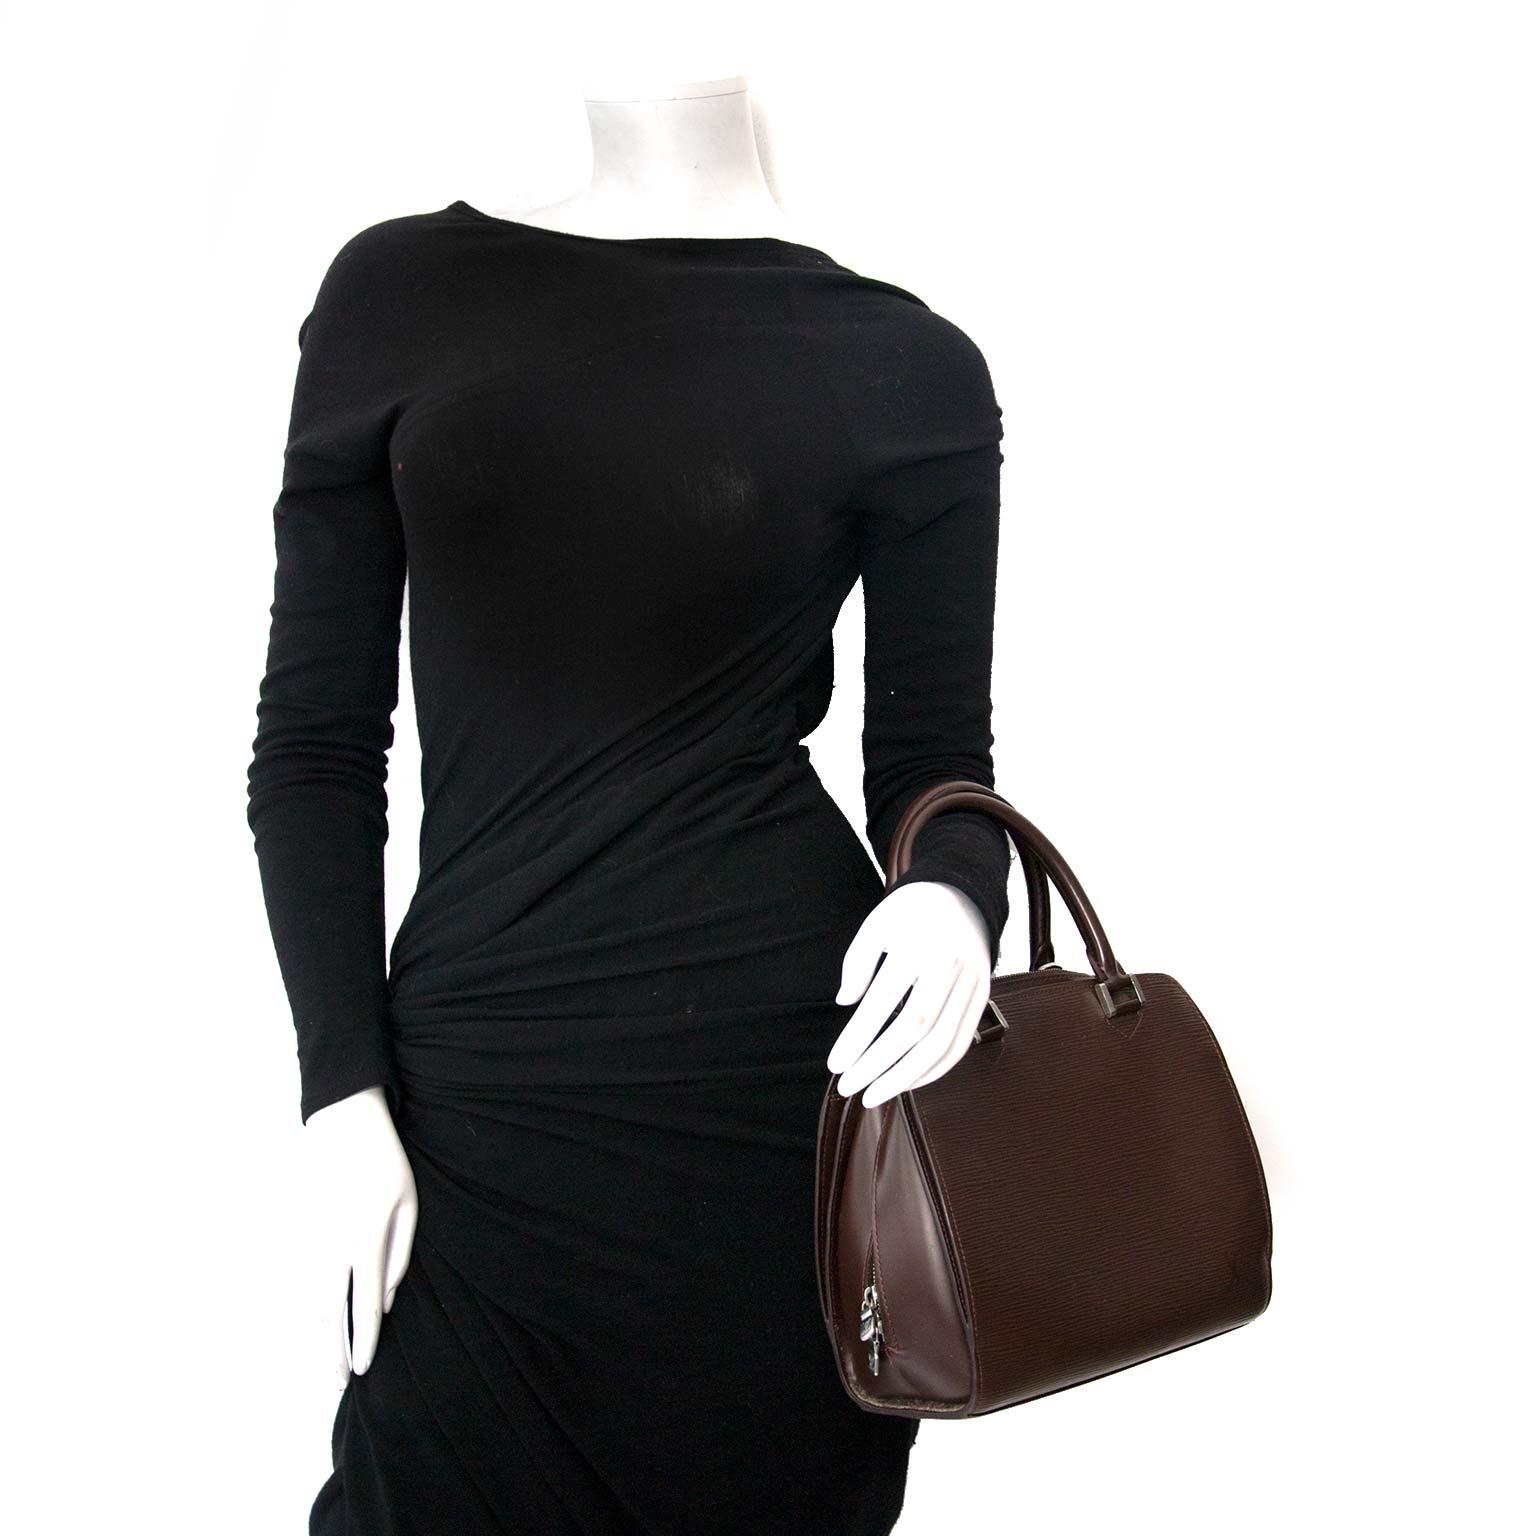 Koop uw tweedehands authentieke louis vuitton handtas tegen goede prijs bij labellov in Antwerpen.